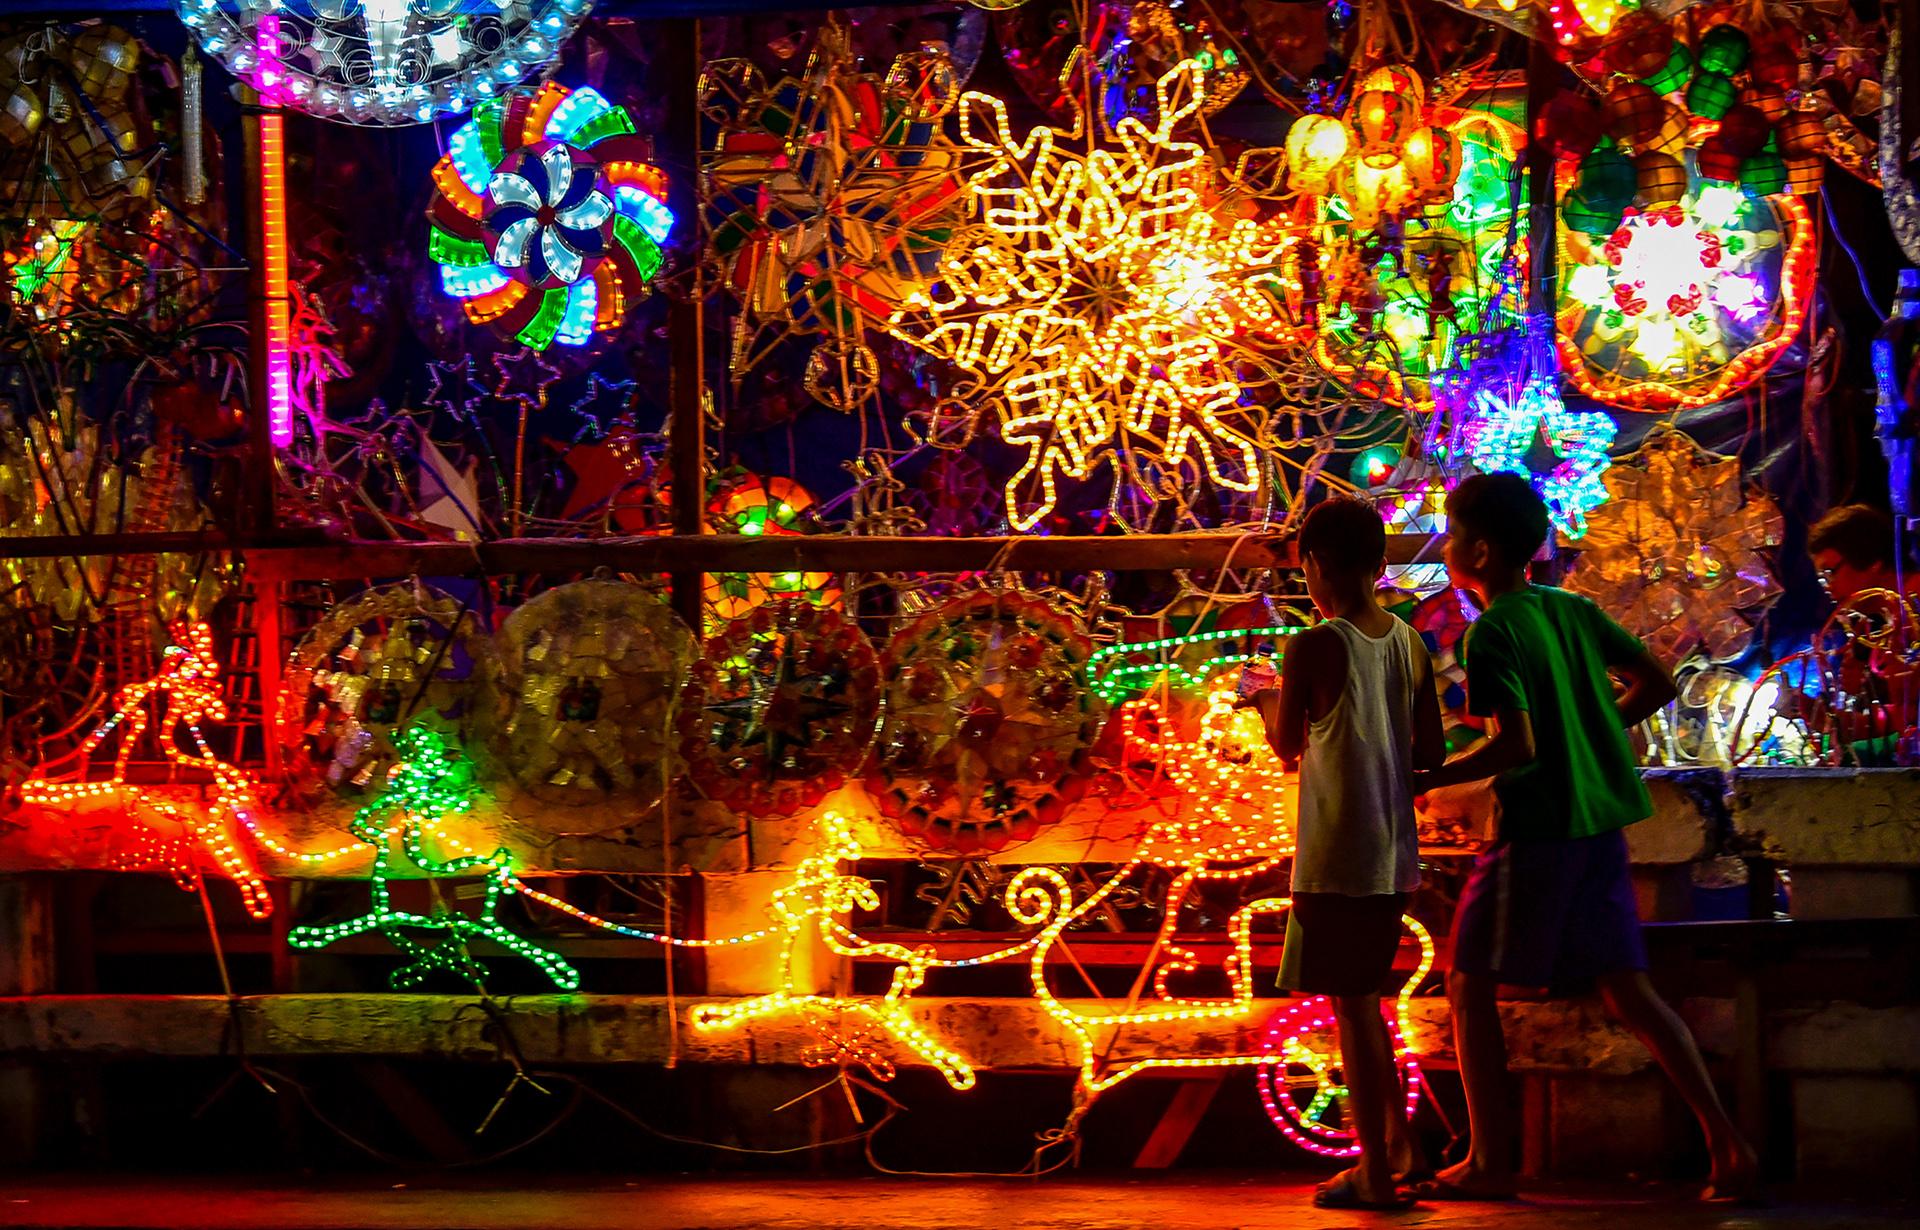 Las luces iluminan los adornos navideños que simbolizan la estrella de Belén en Manila, Filipinas.